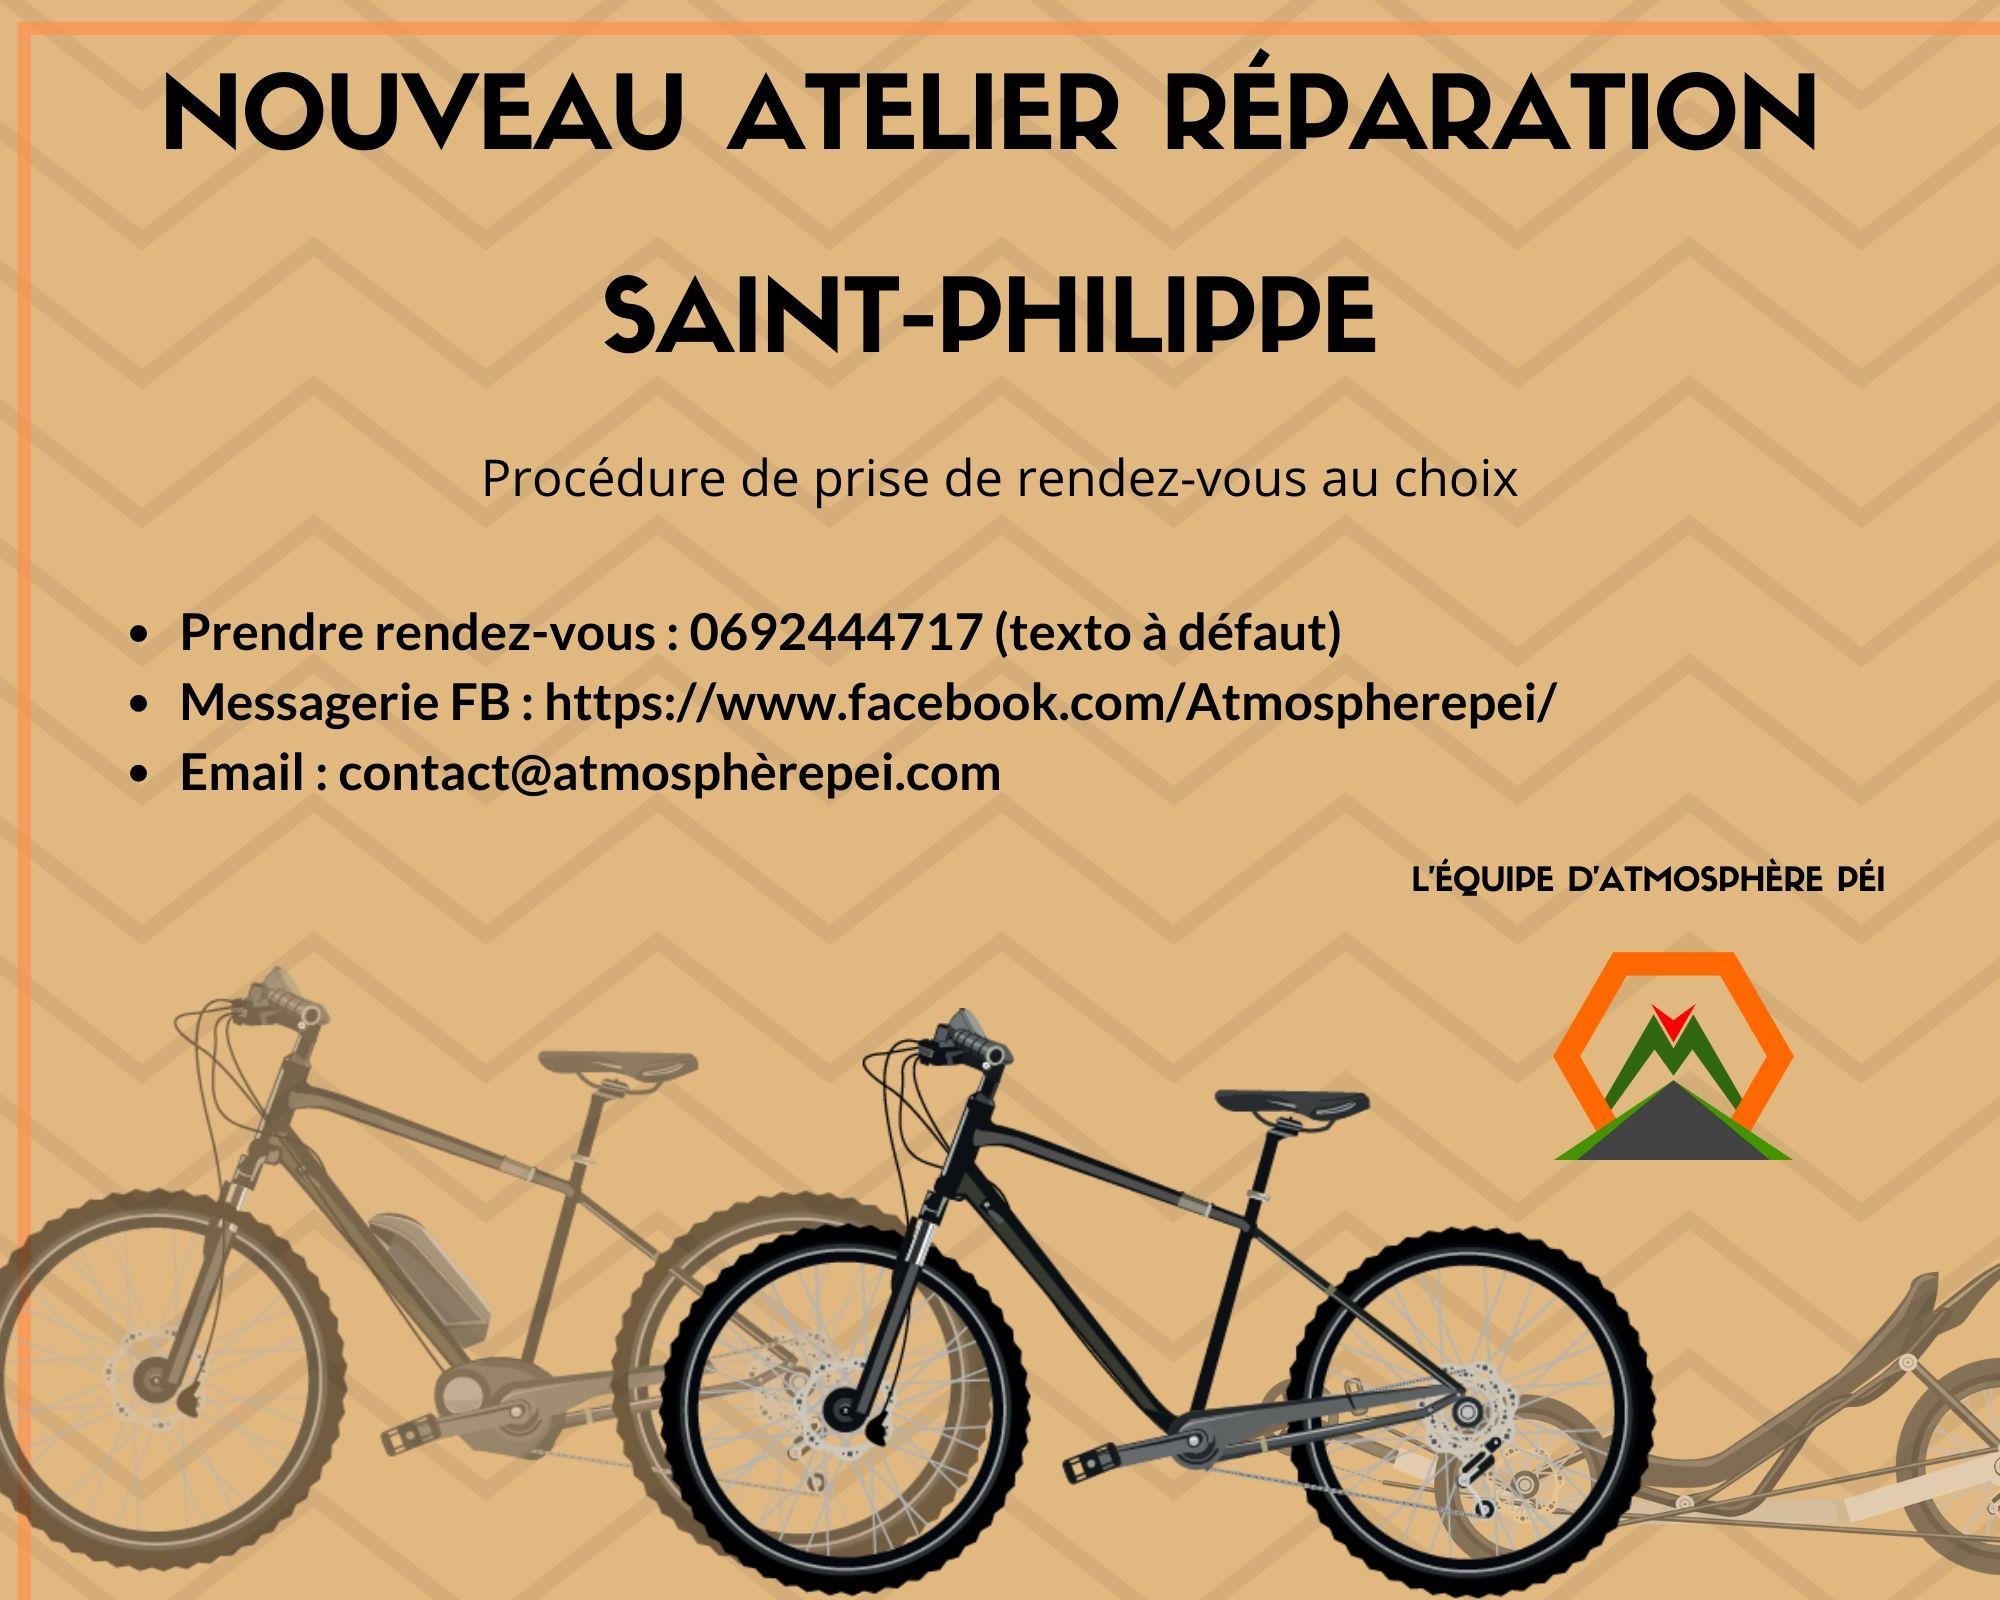 vélo réparation cycles Atmosphère Péi La Réunion Saint-Philippe